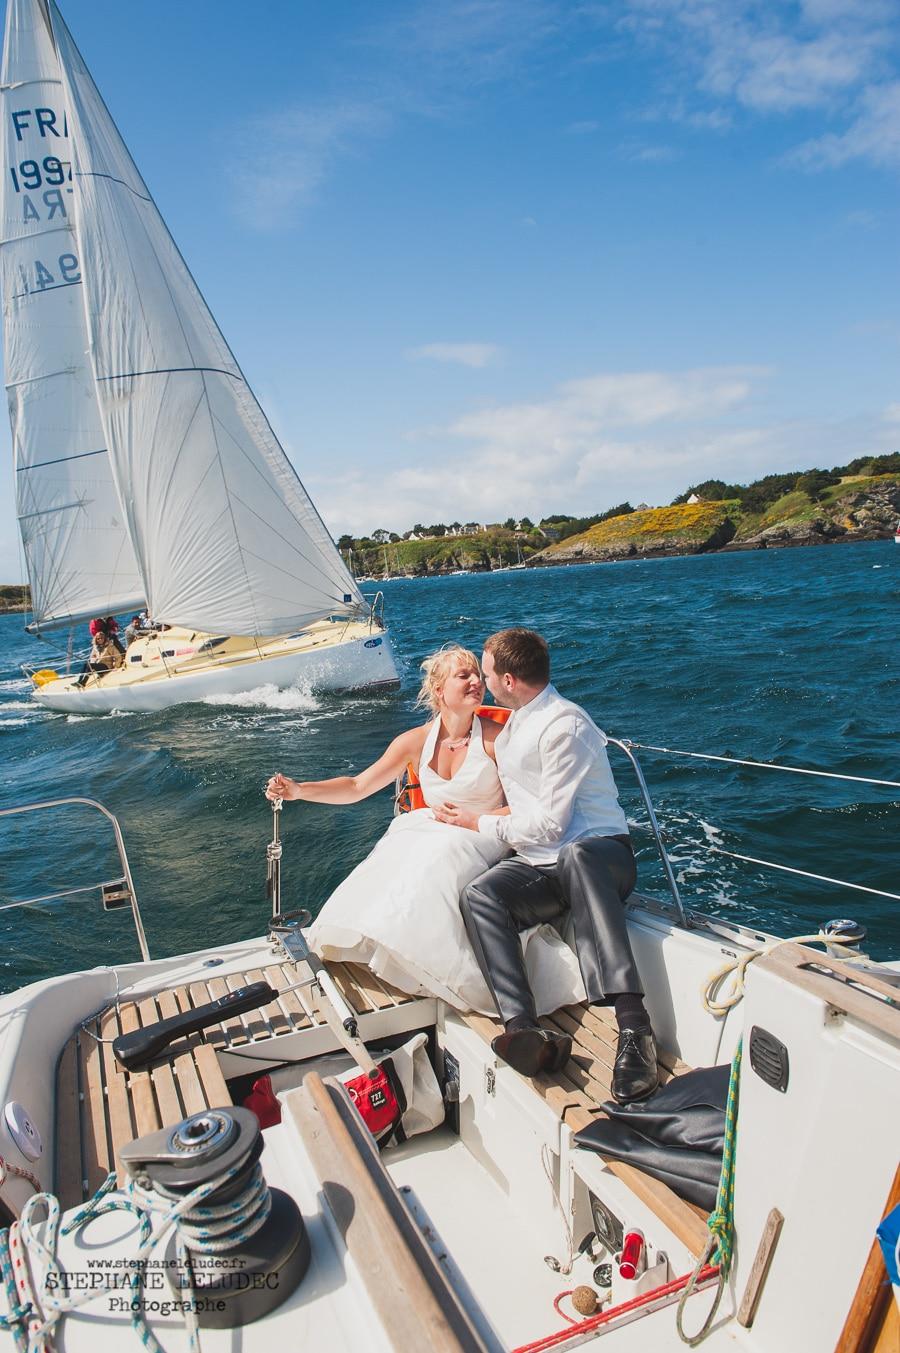 Mariage à Belle-île en mer couple-821